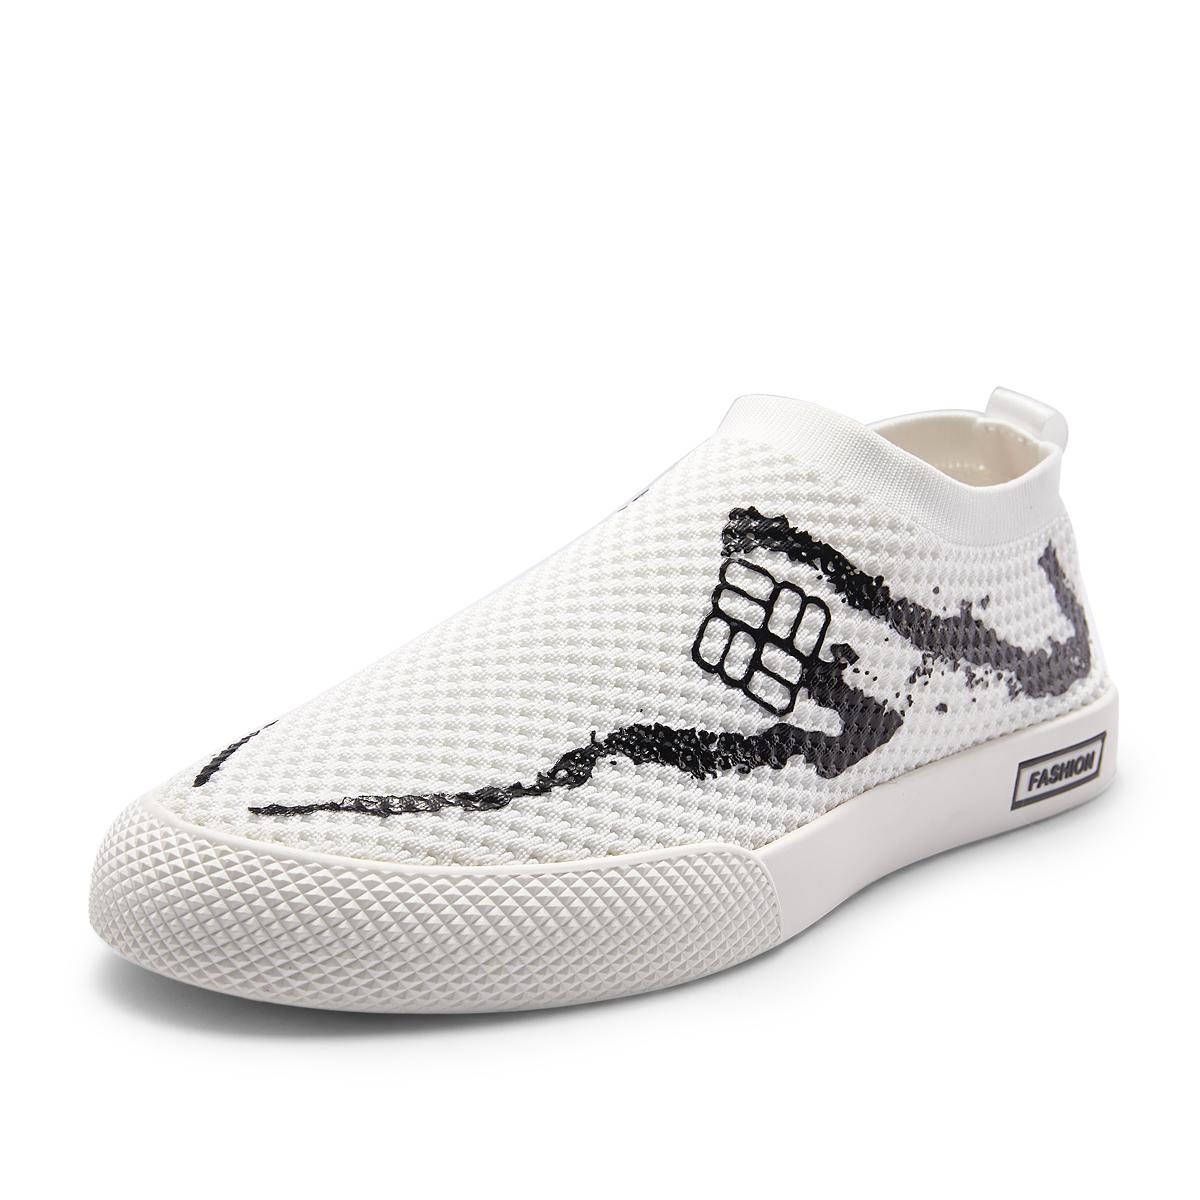 维界男士网面鞋夏新款透气飞织布鞋时尚韩版运动休闲个性潮流板鞋